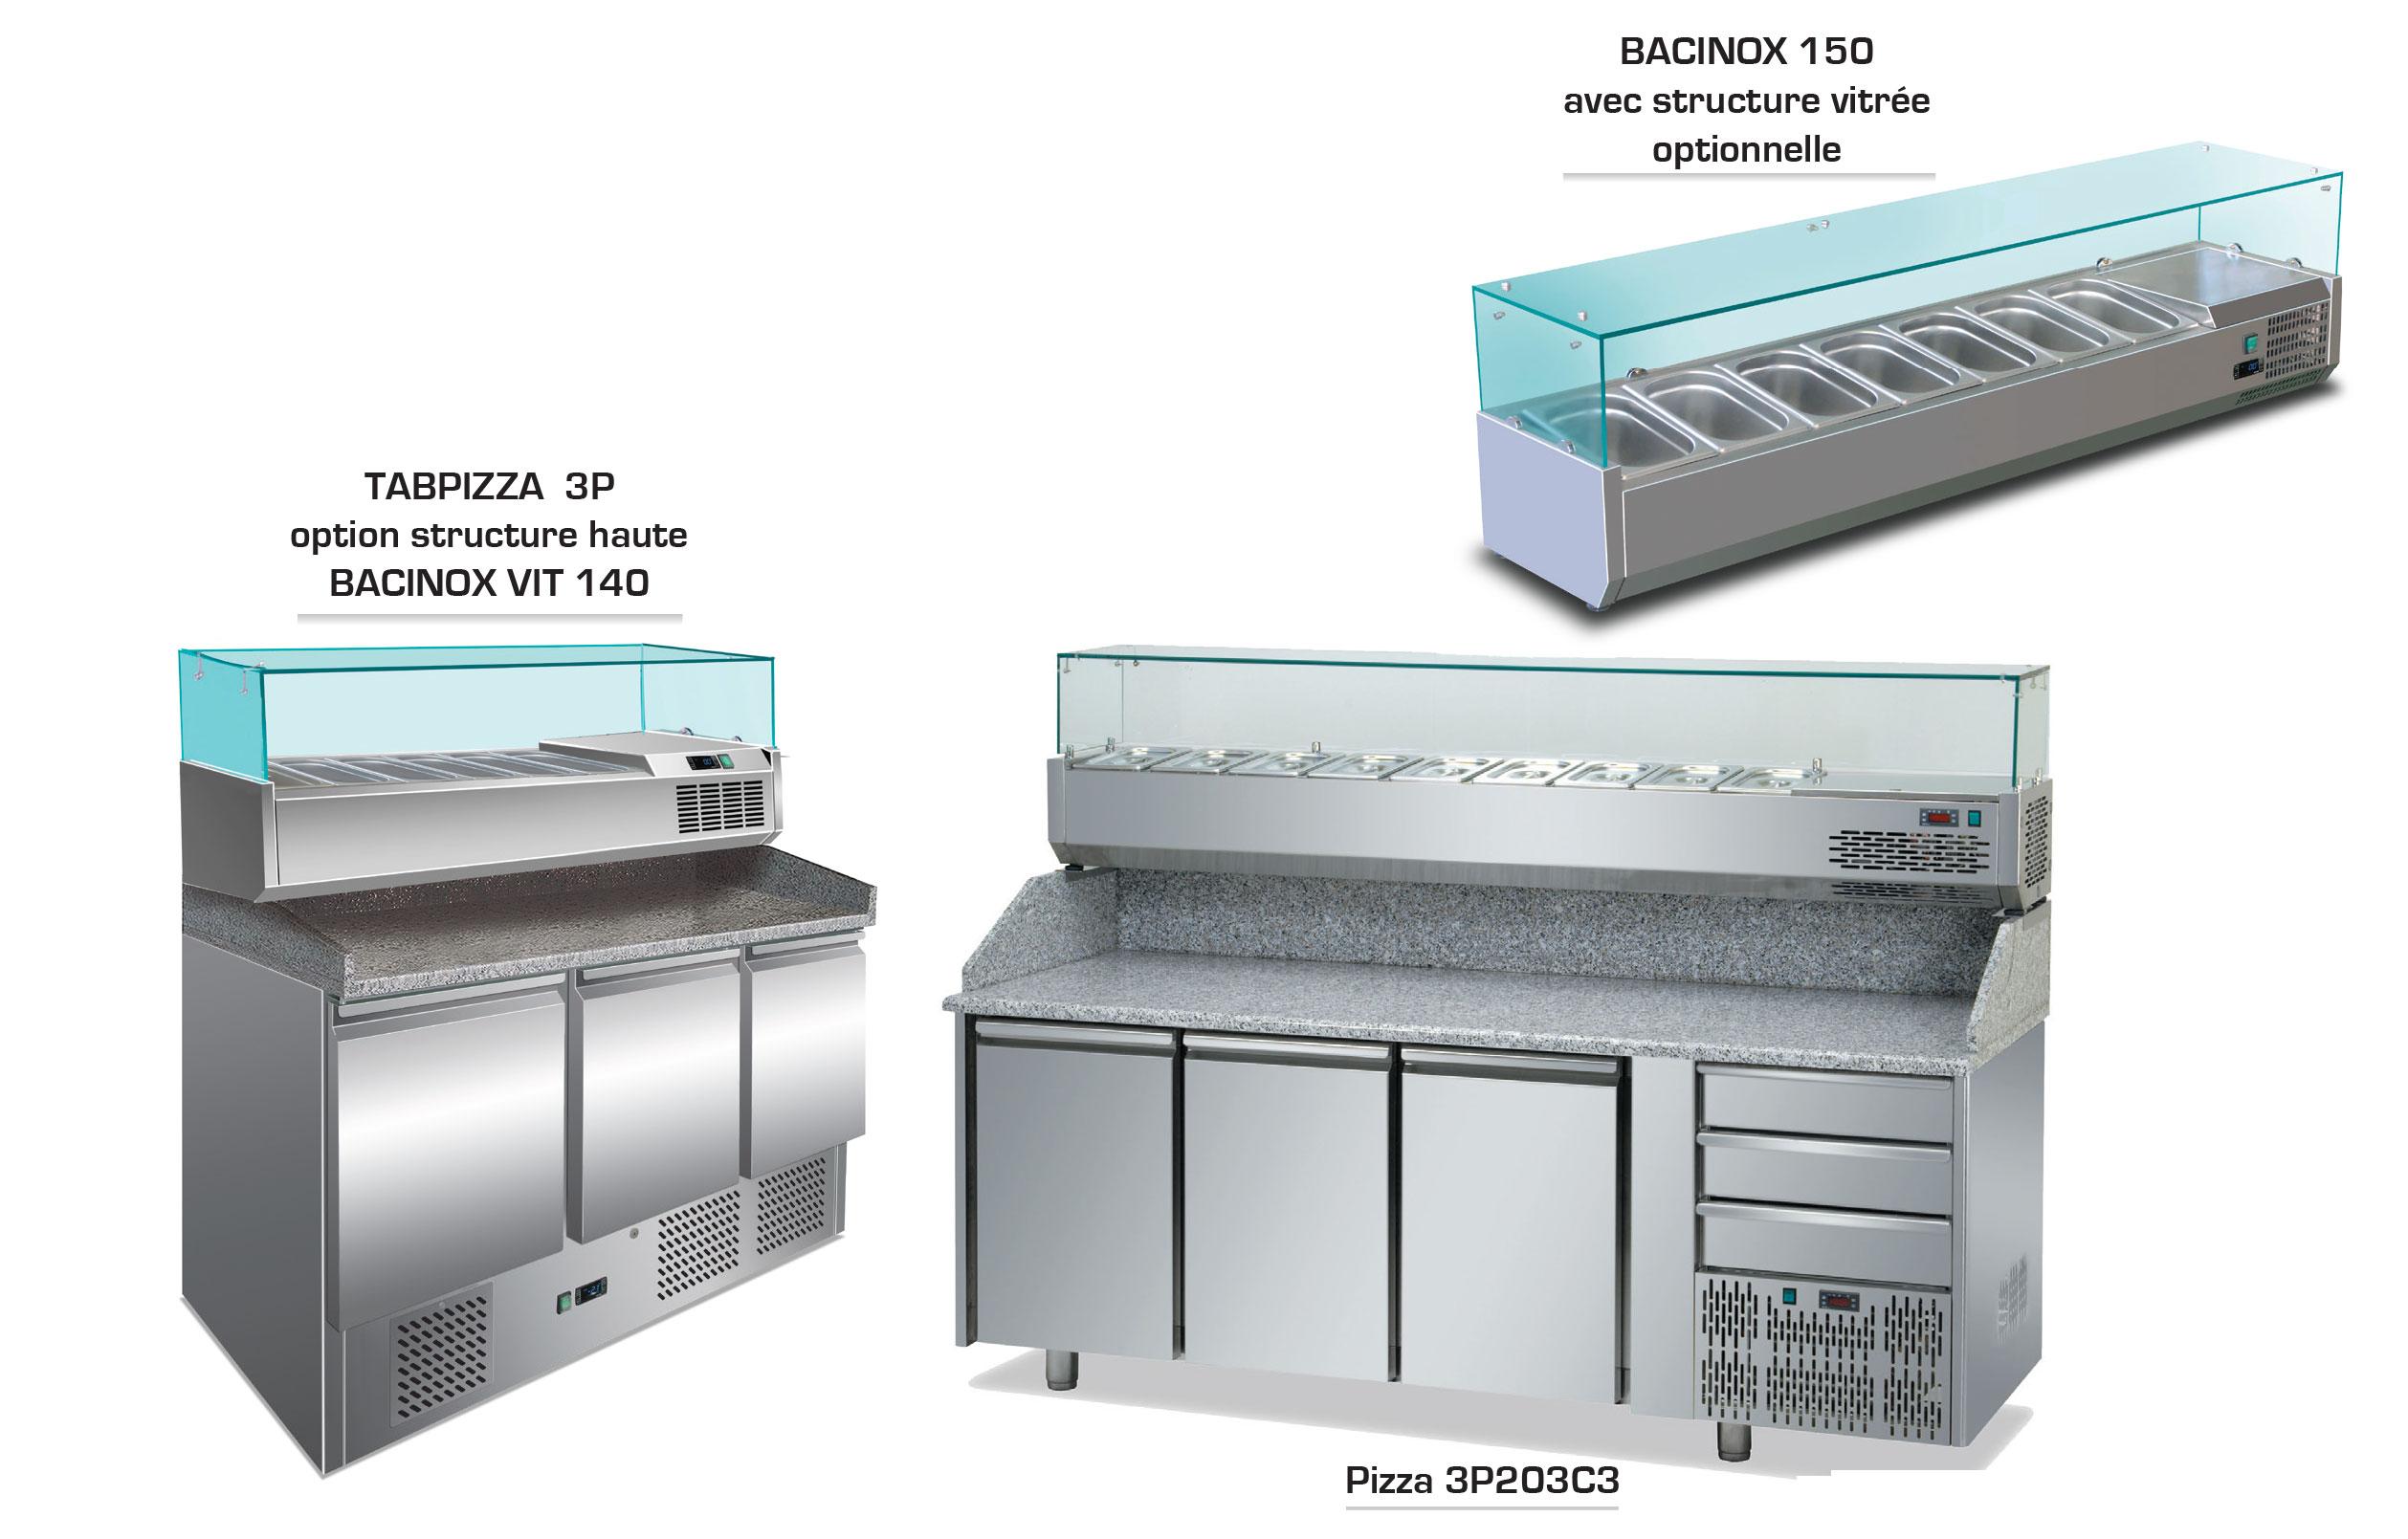 TABLE REFRIGEREE TABPIZZA - BACINOX - PIZZA